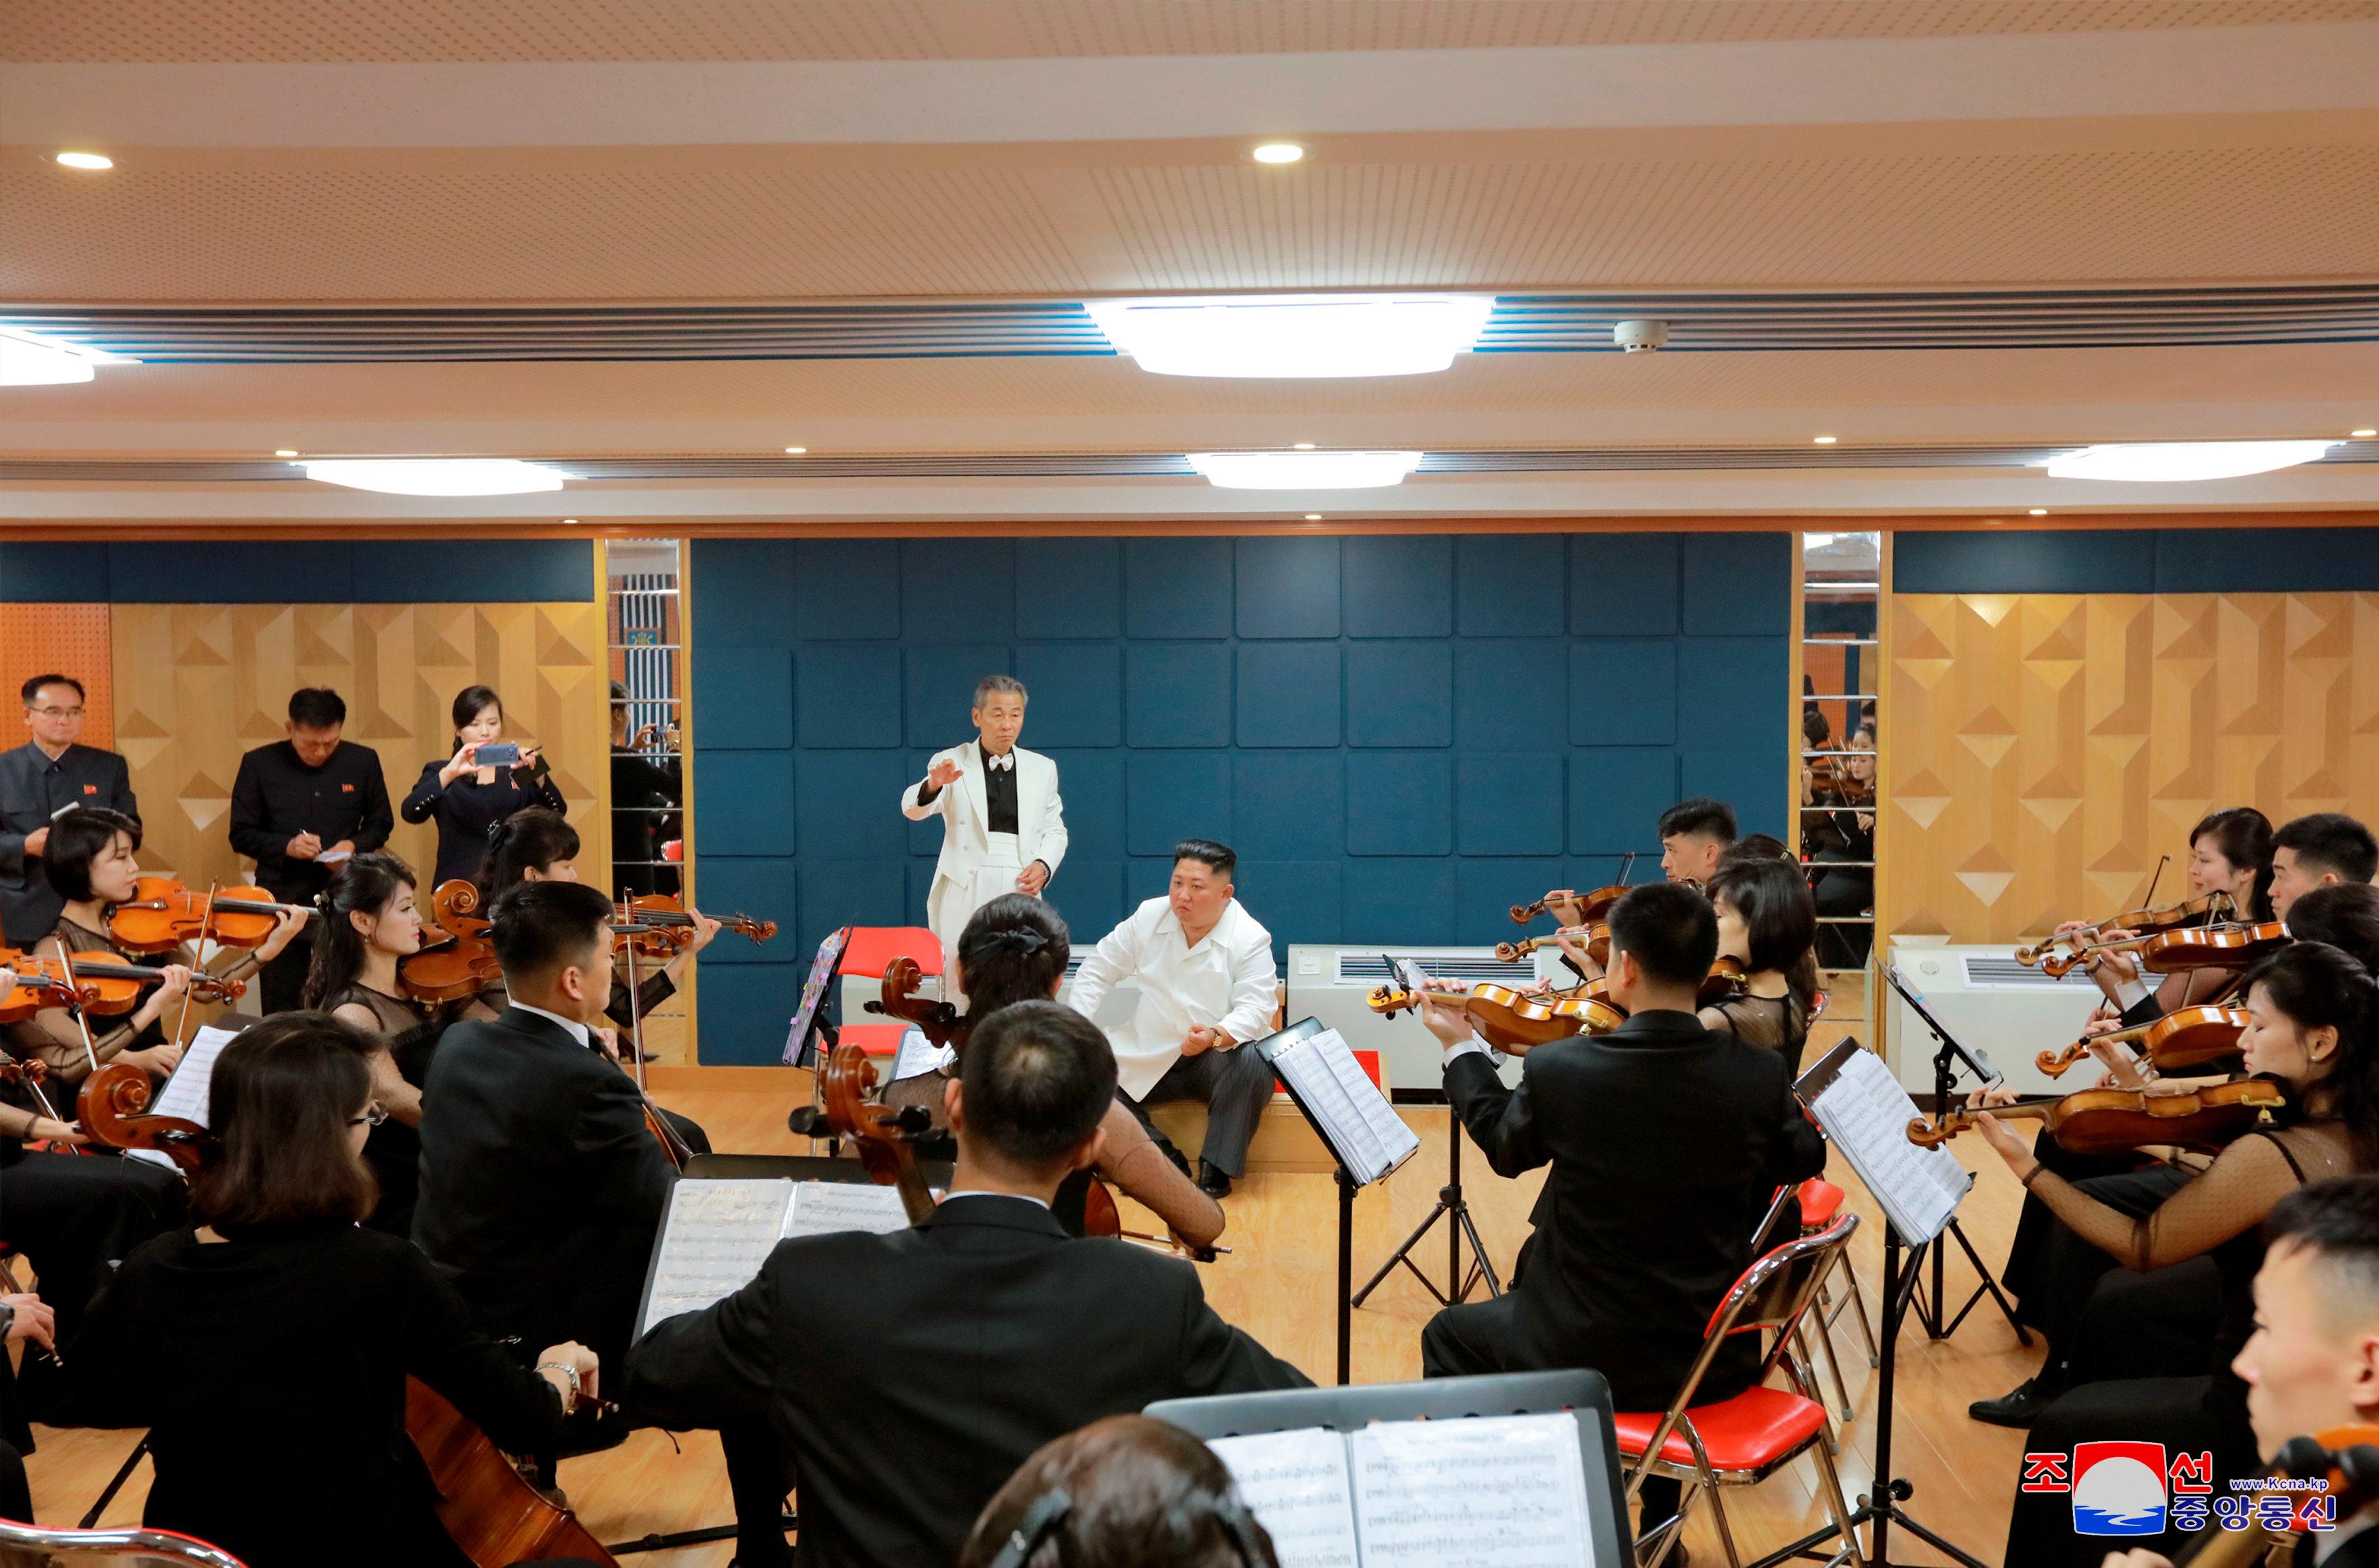 كيم جونج أون يتفقد أحد الفرق الموسيقية والغنائية التى أحيت الاحتفالات